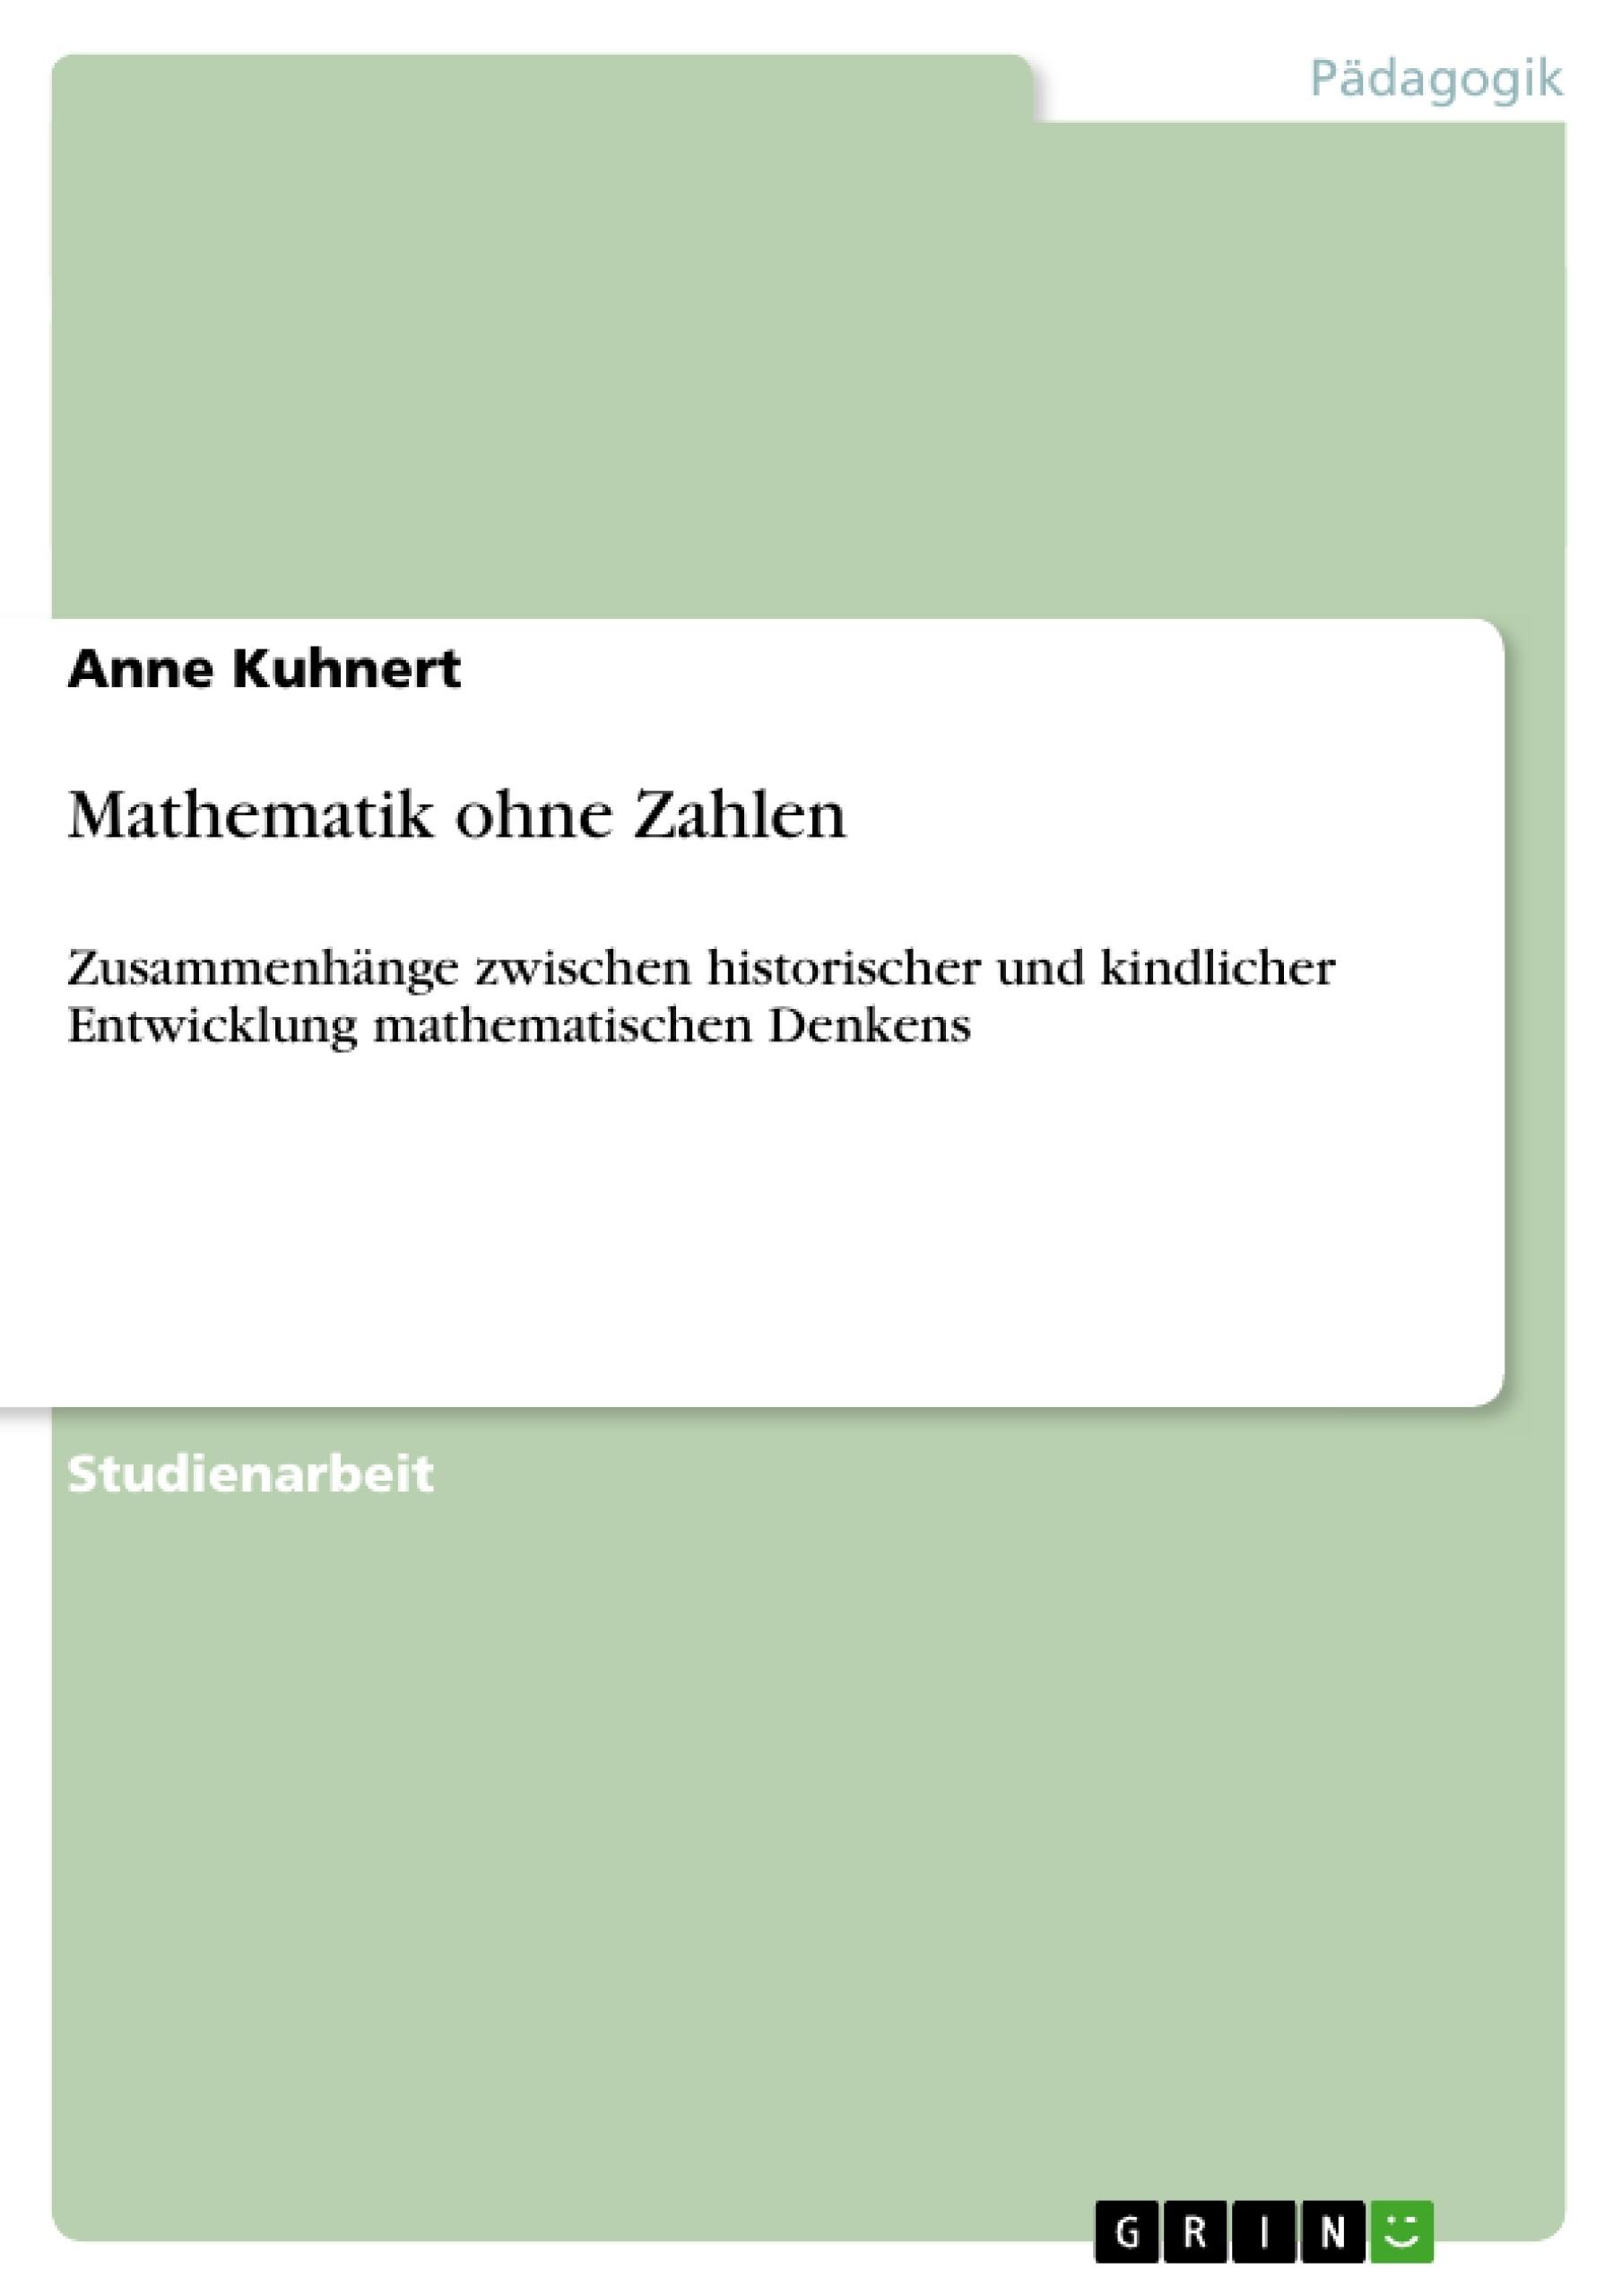 Erfreut Mathe Praxis Für 2. Sortierer Bilder - Übungen Mathe ...